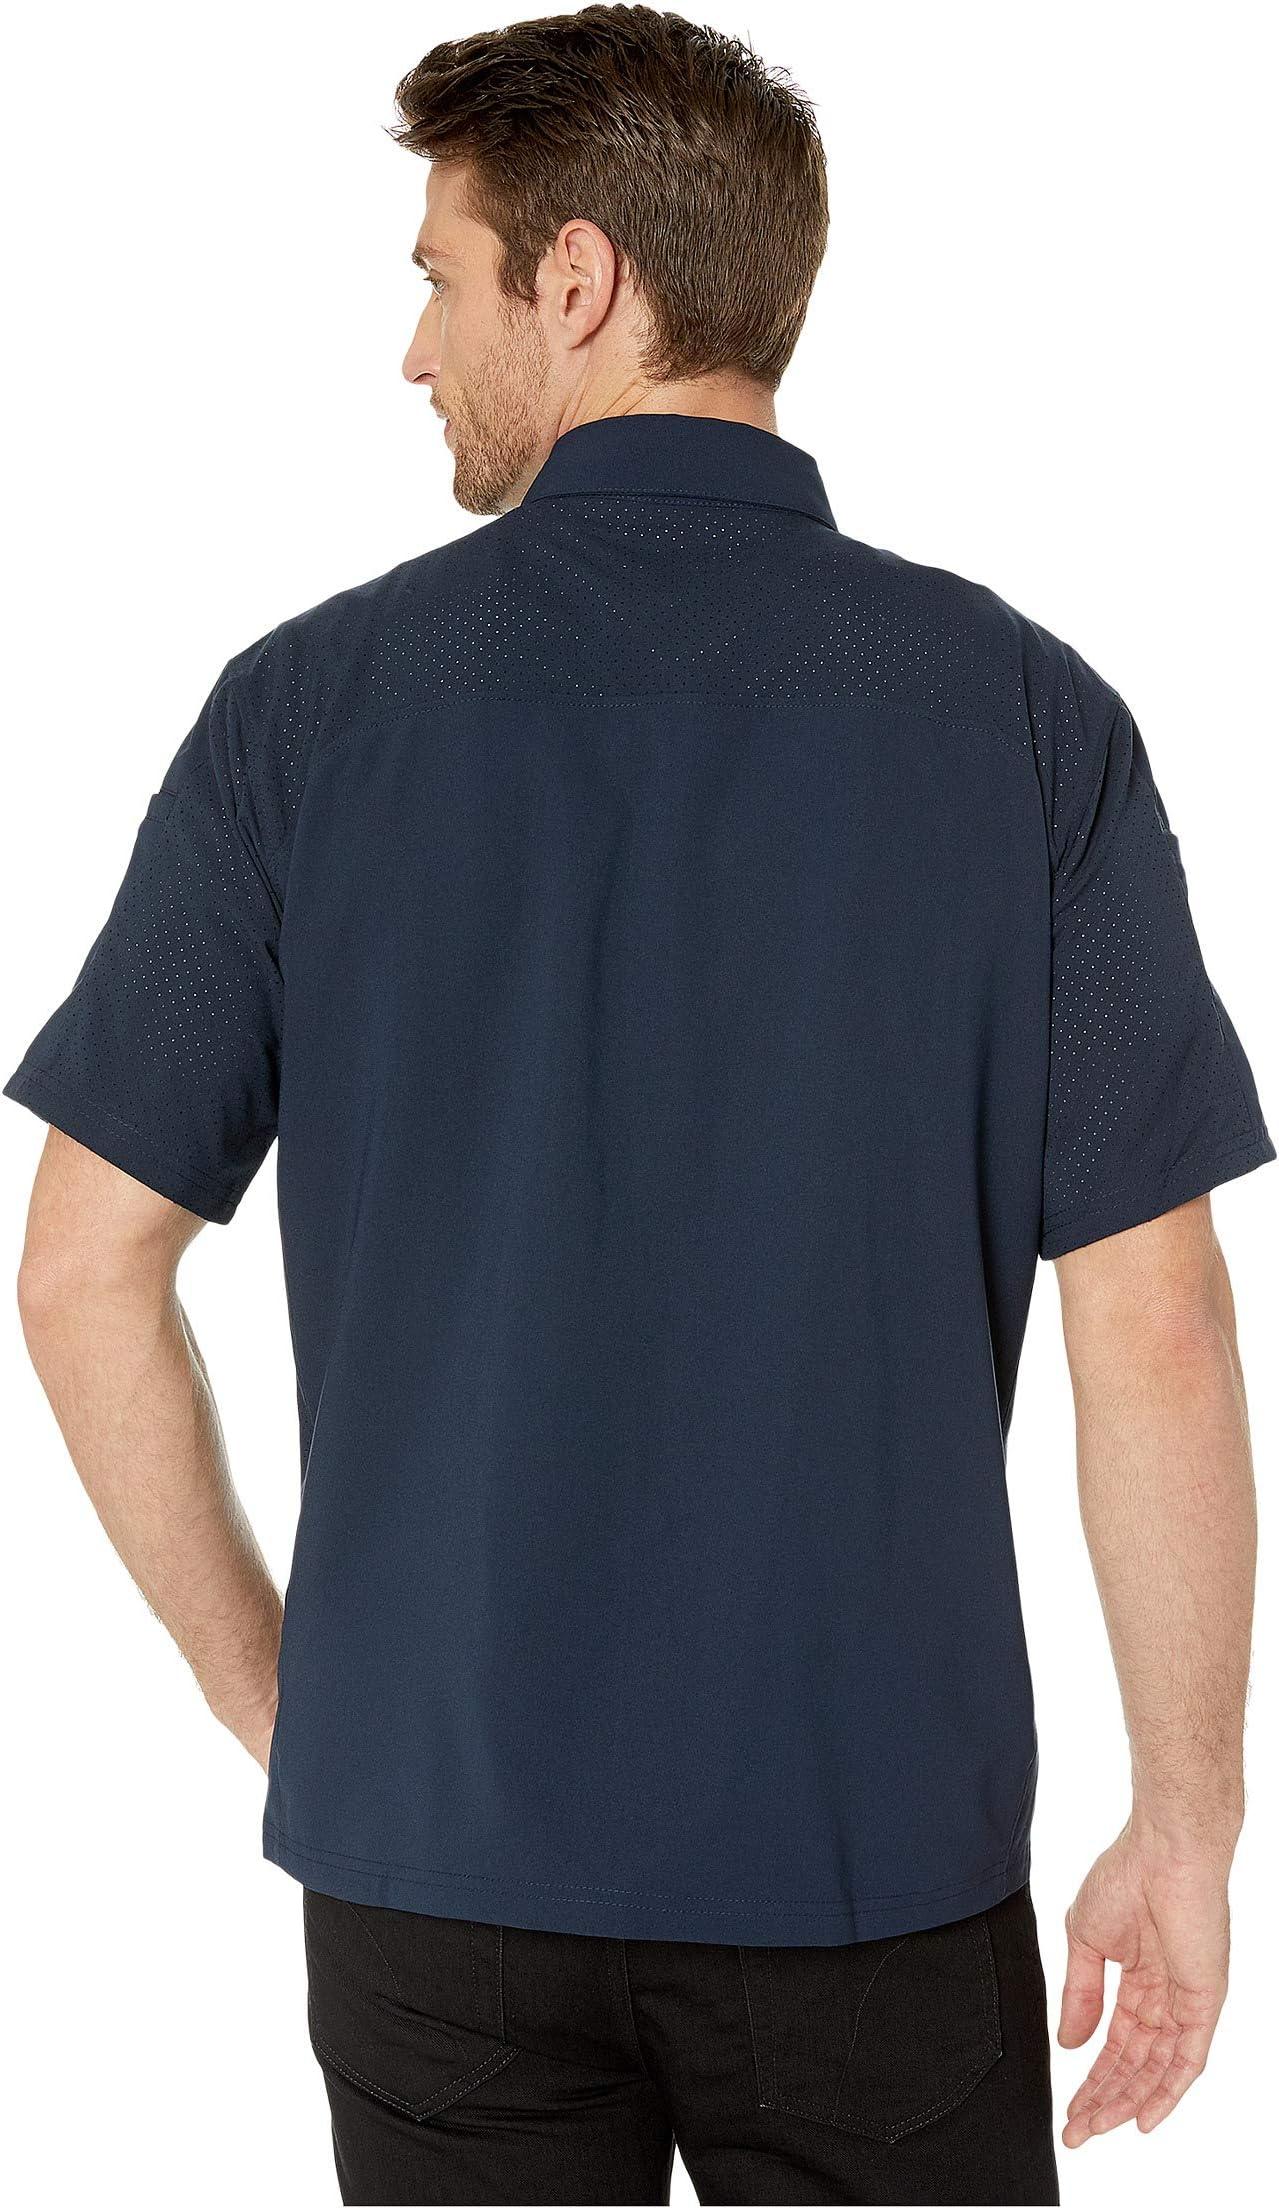 5.11 Tactical Freedom Flex Woven Short Sleeve Shirt w0opT